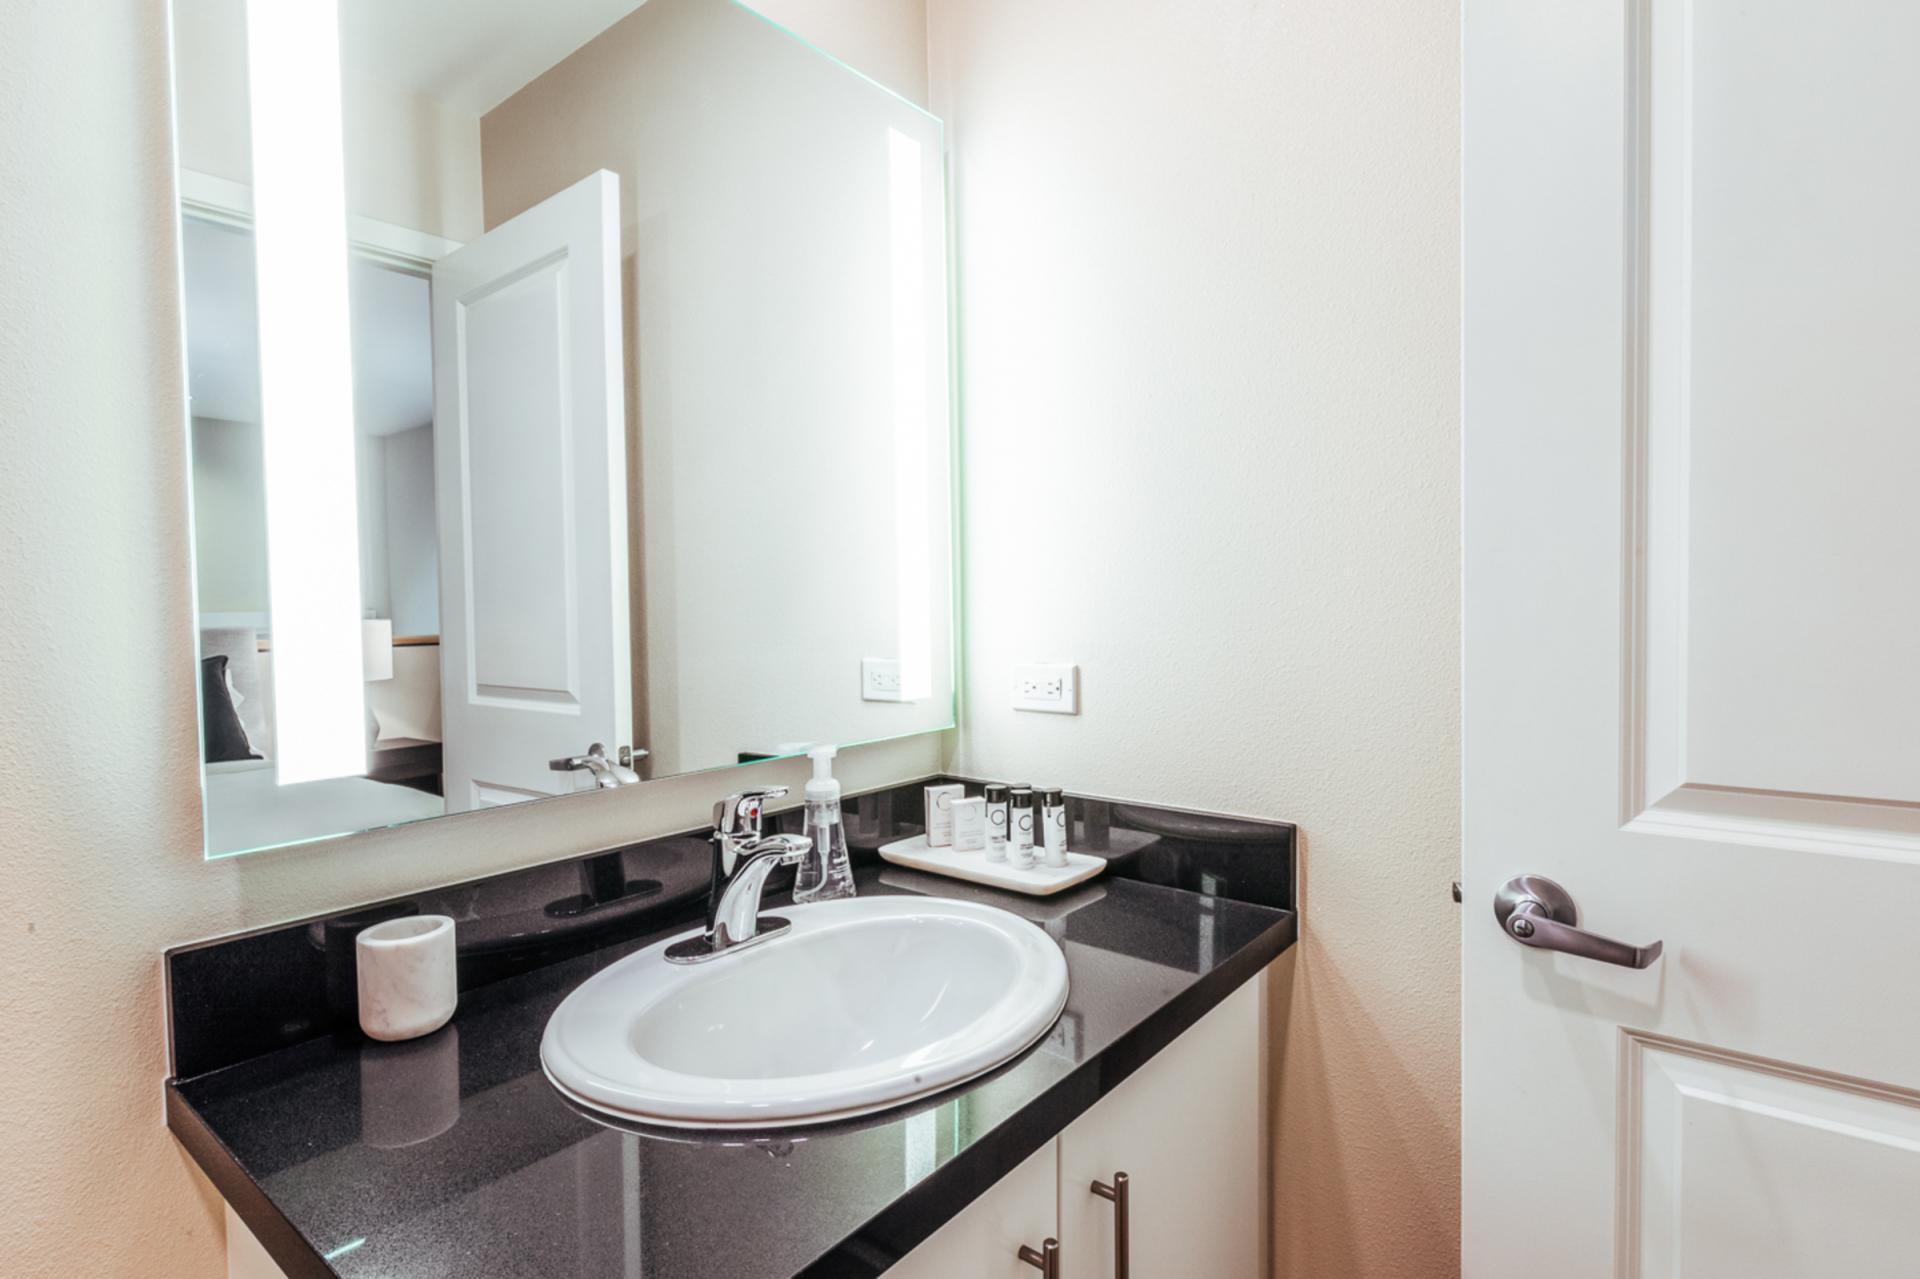 Bathroom at Landing Furnished Apartments at MB360, Mission Bay, San Francisco